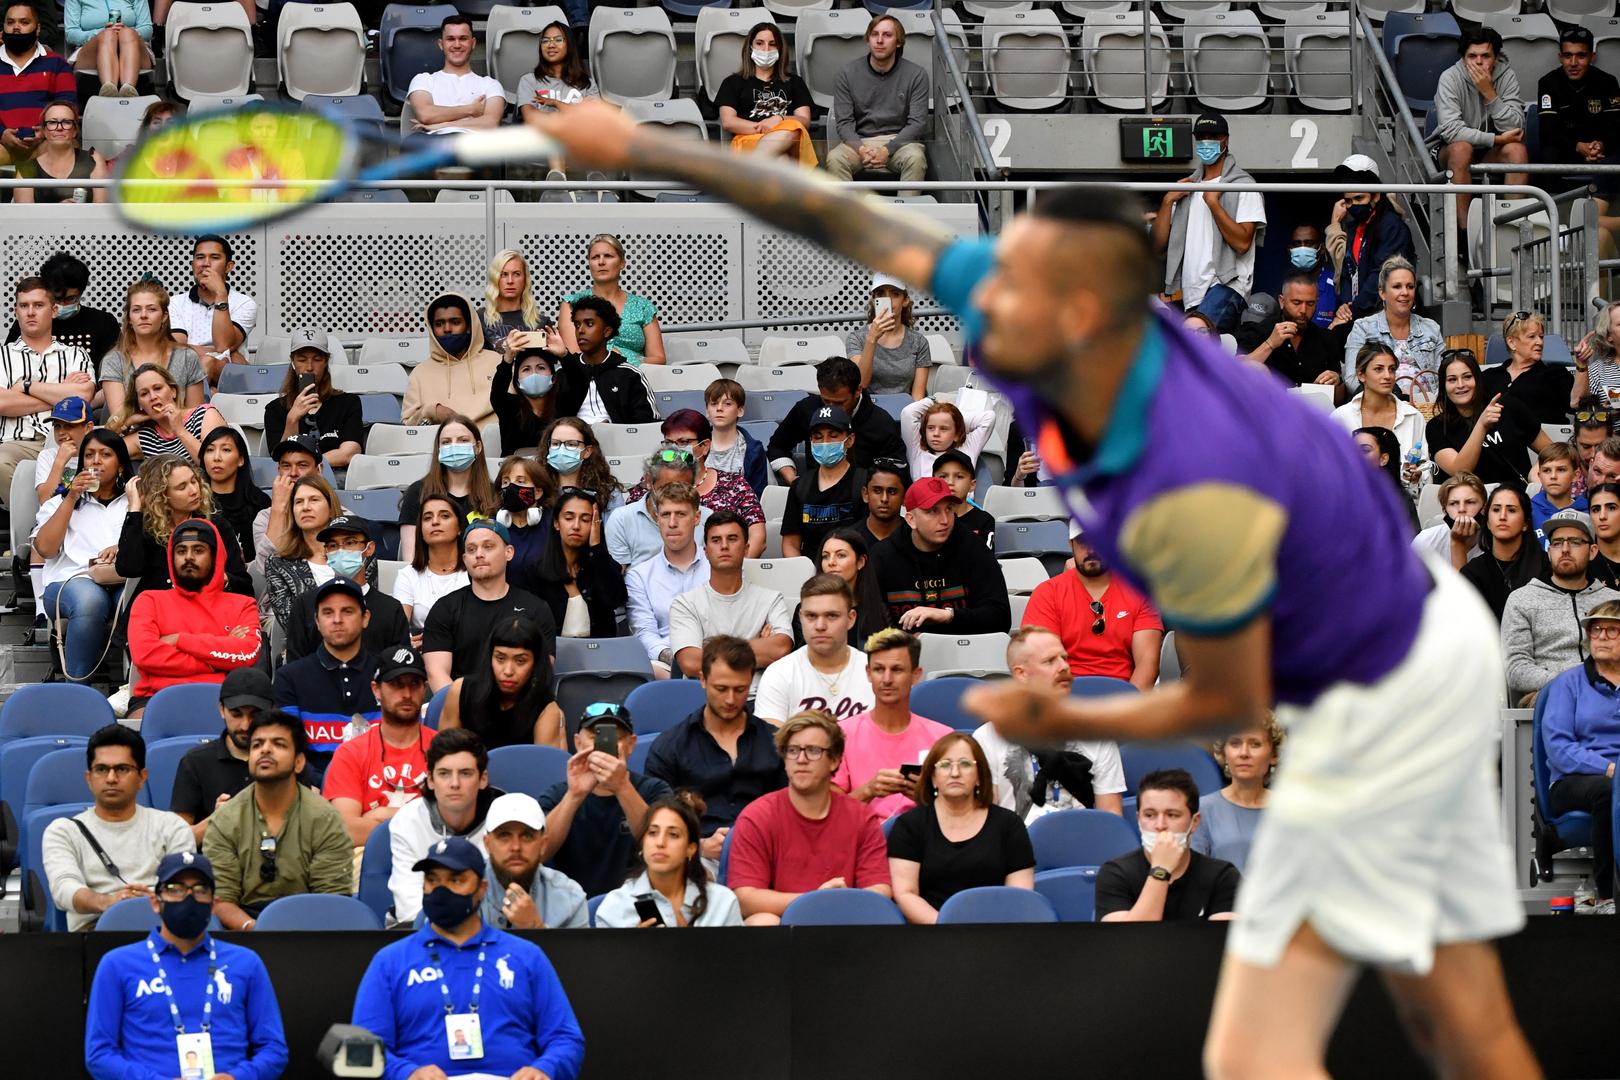 حالة من الفوضى في بطولة أستراليا المفتوحة